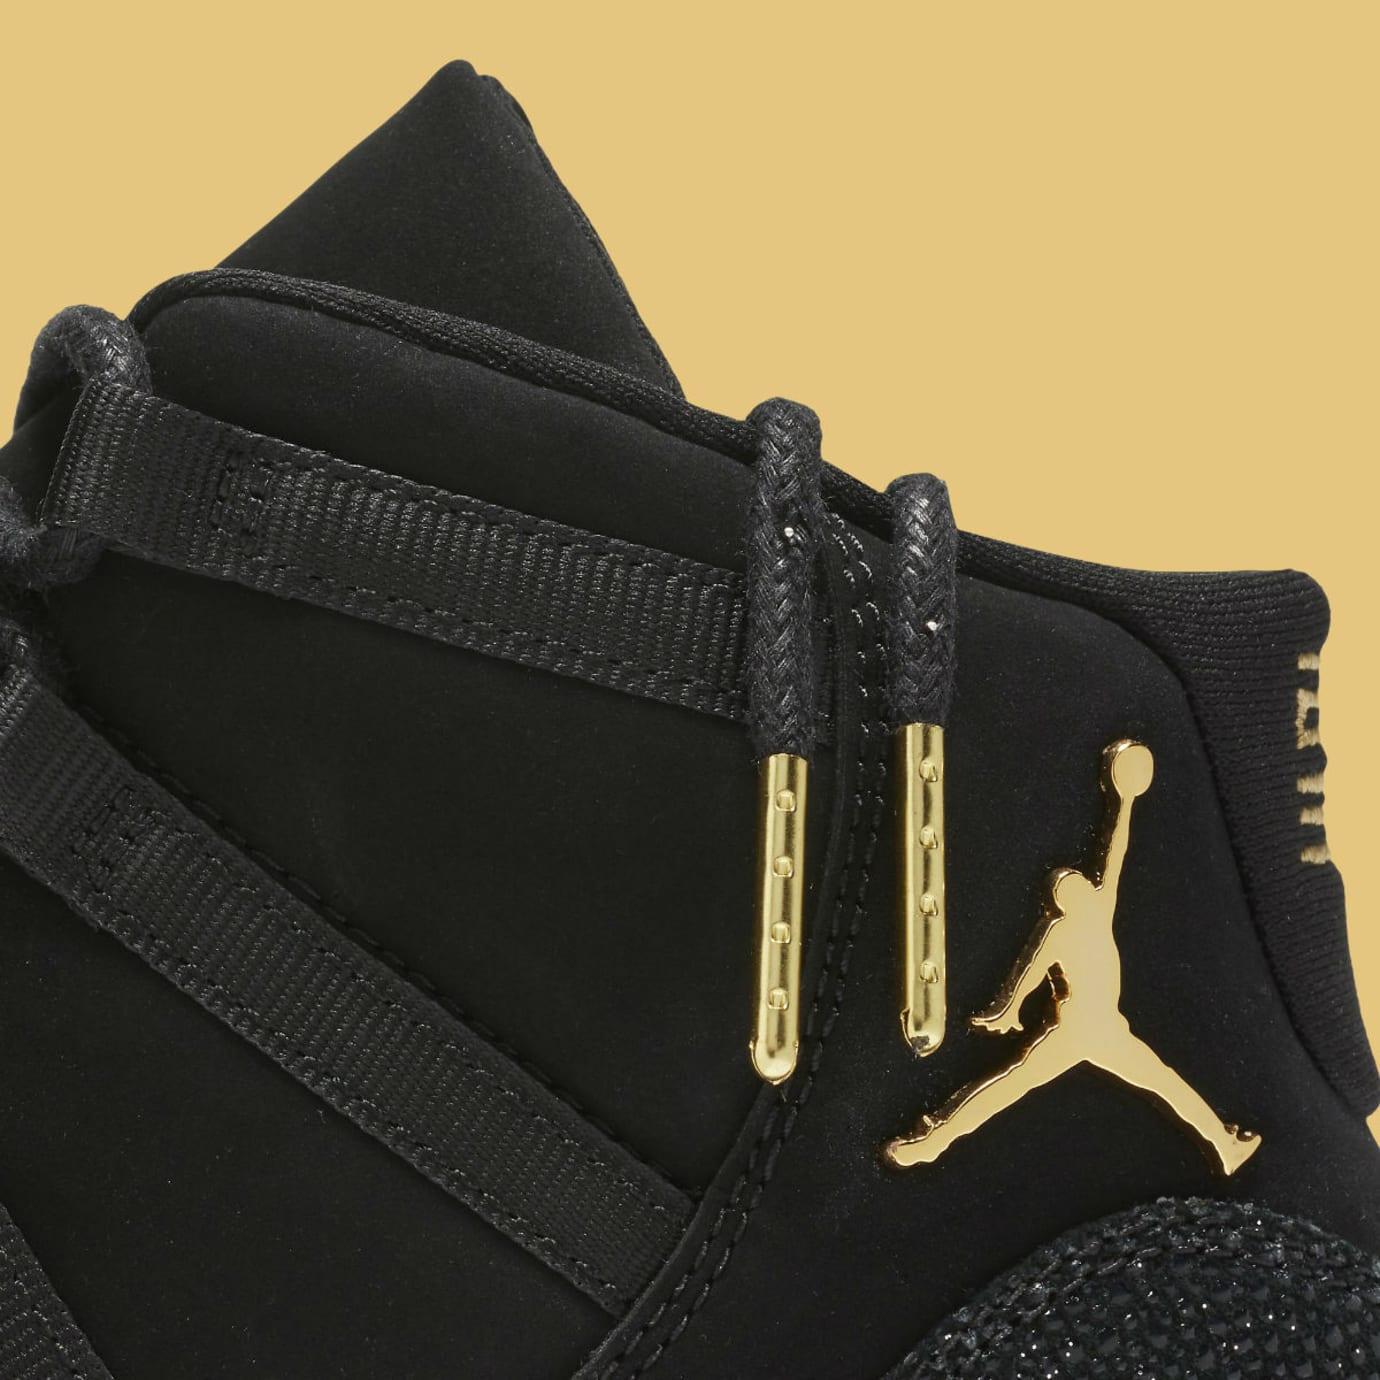 buy online fc28a 8833d Air Jordan 11 XI Heiress Black Release Date 852625-030 Laces